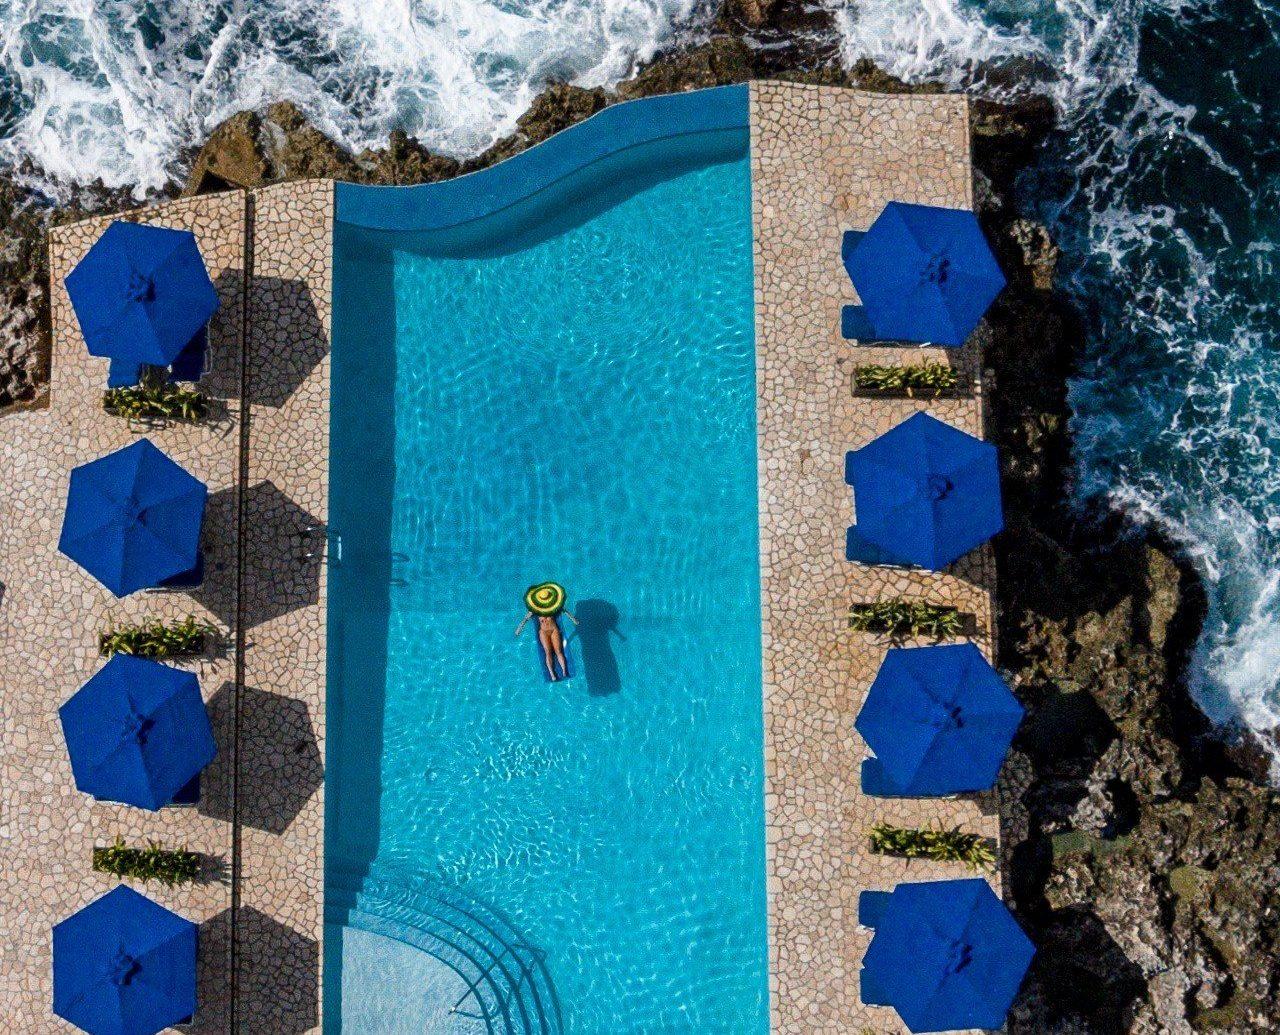 Budget Hotels Trip Ideas blue water wall art screenshot terrain